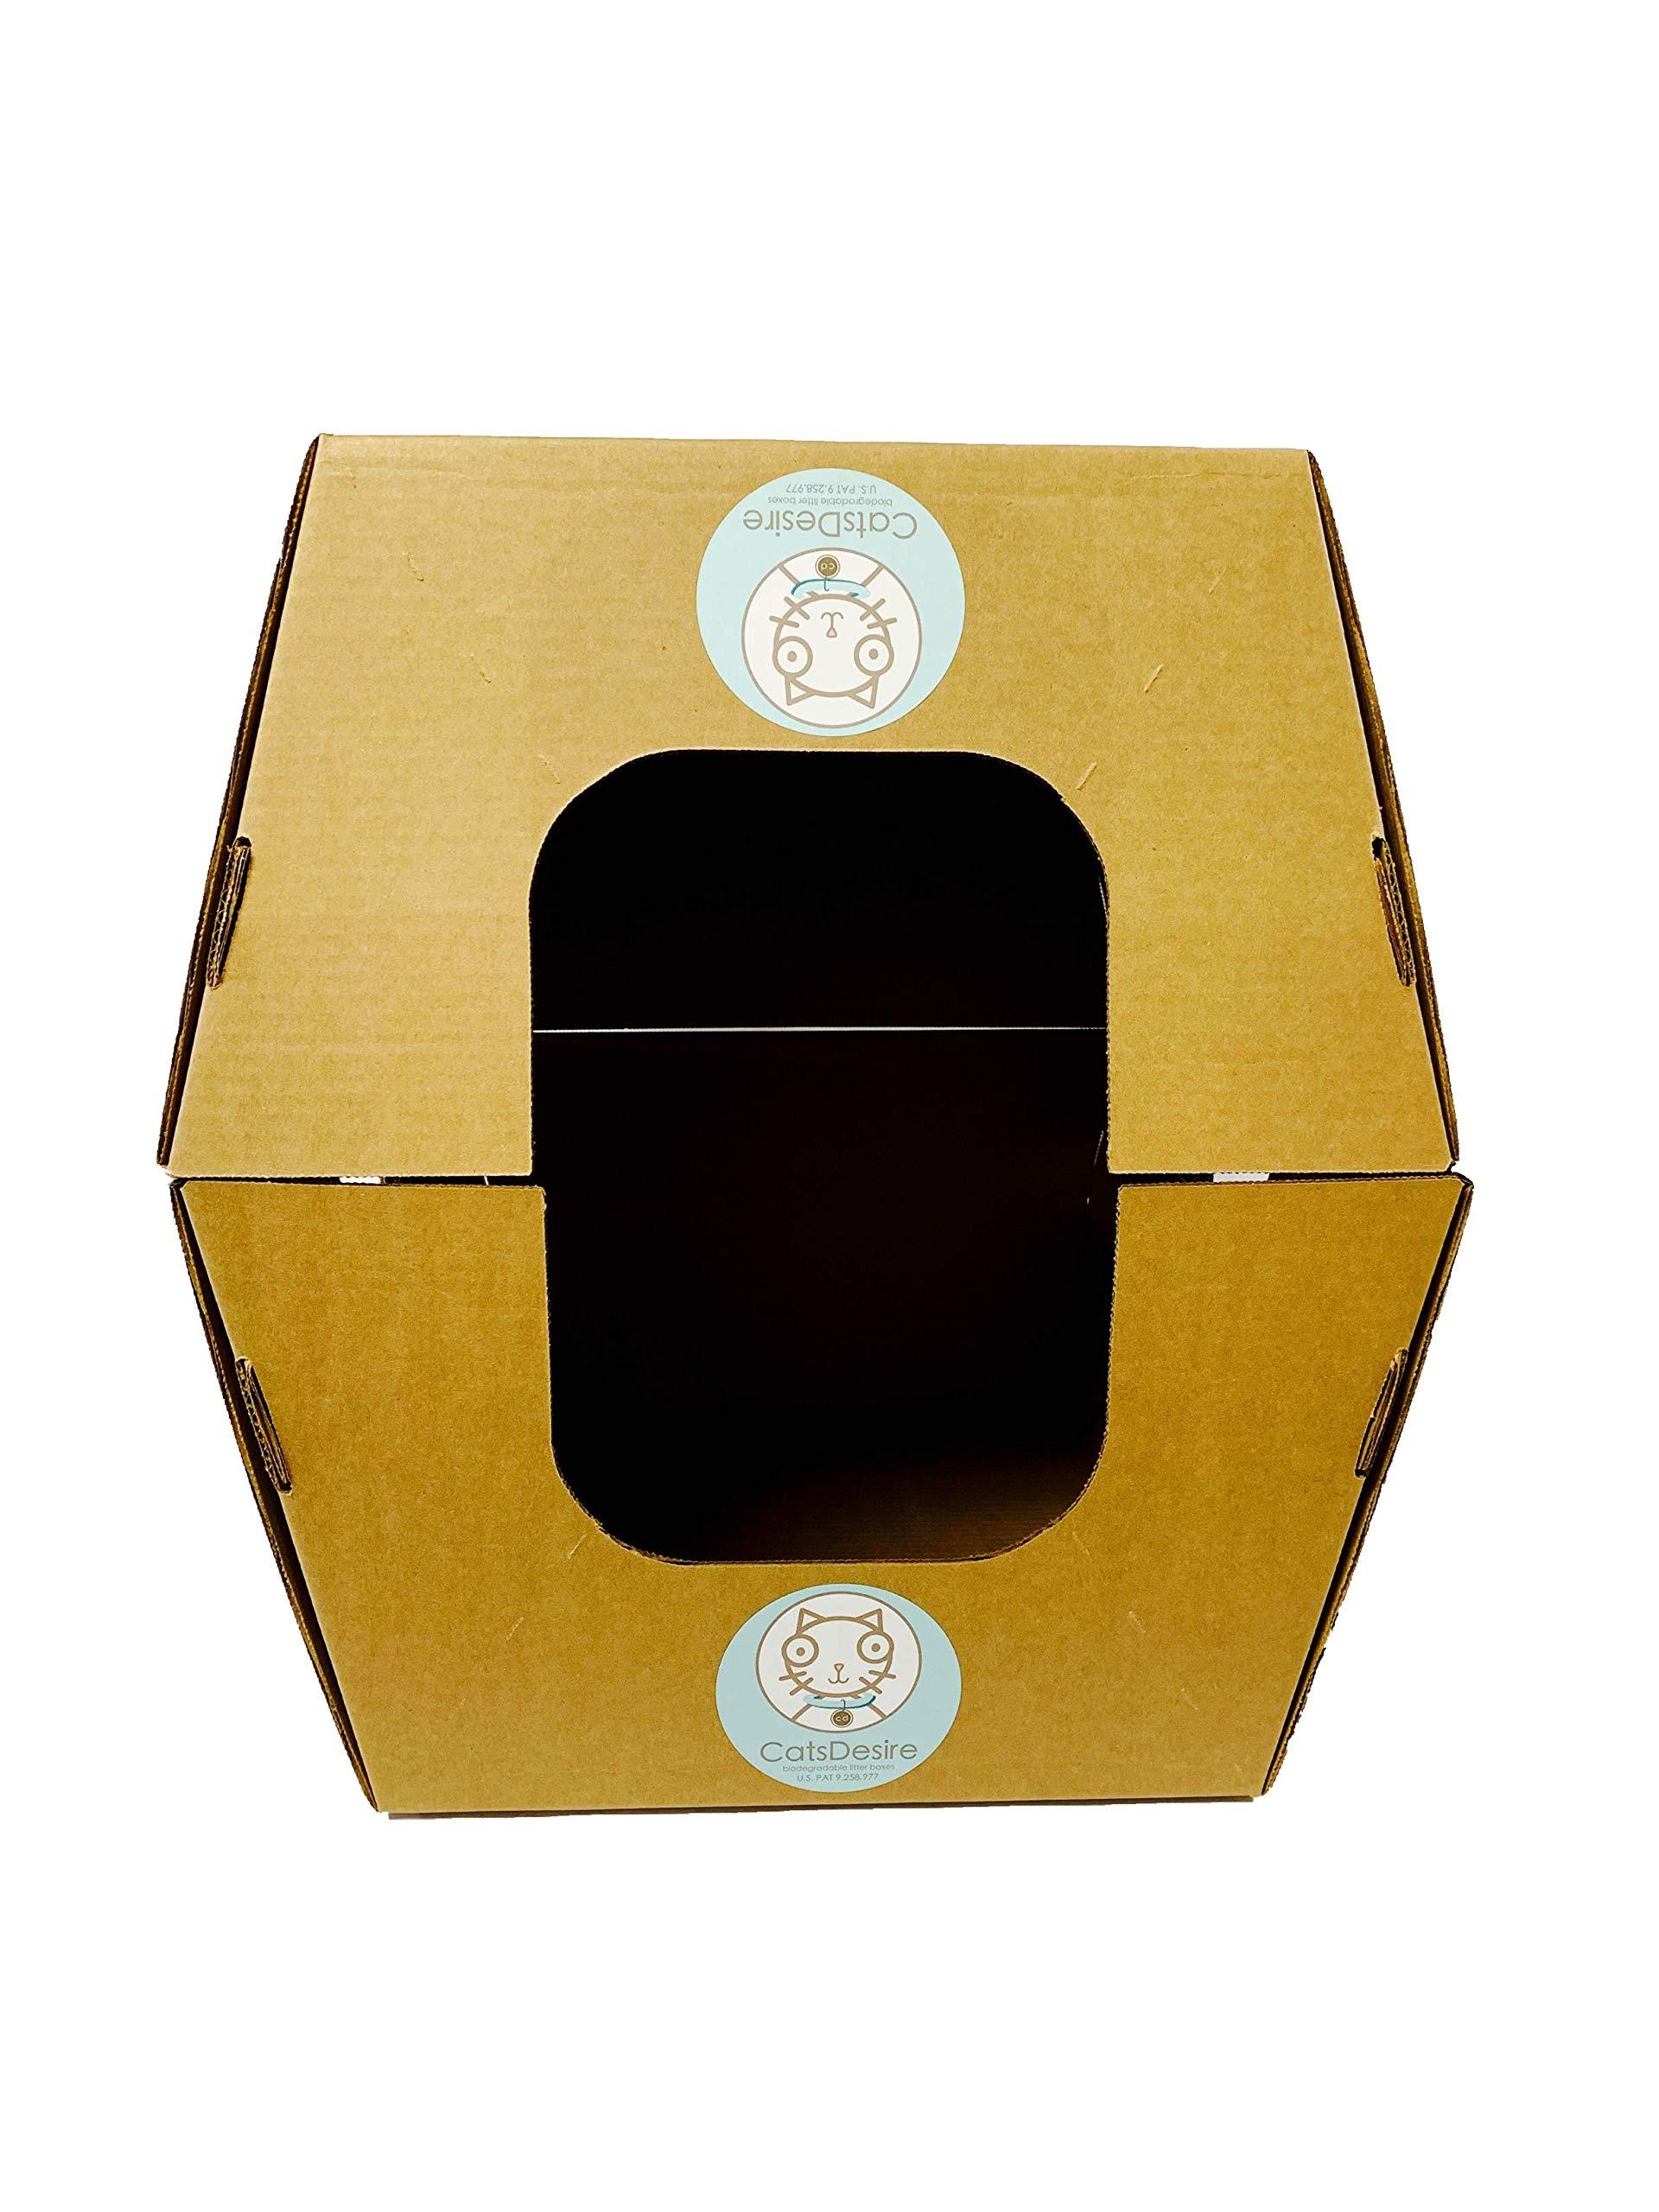 Cats Desire Disposable Litter Boxes Disposable Litter Boxes, 10 Piece 2